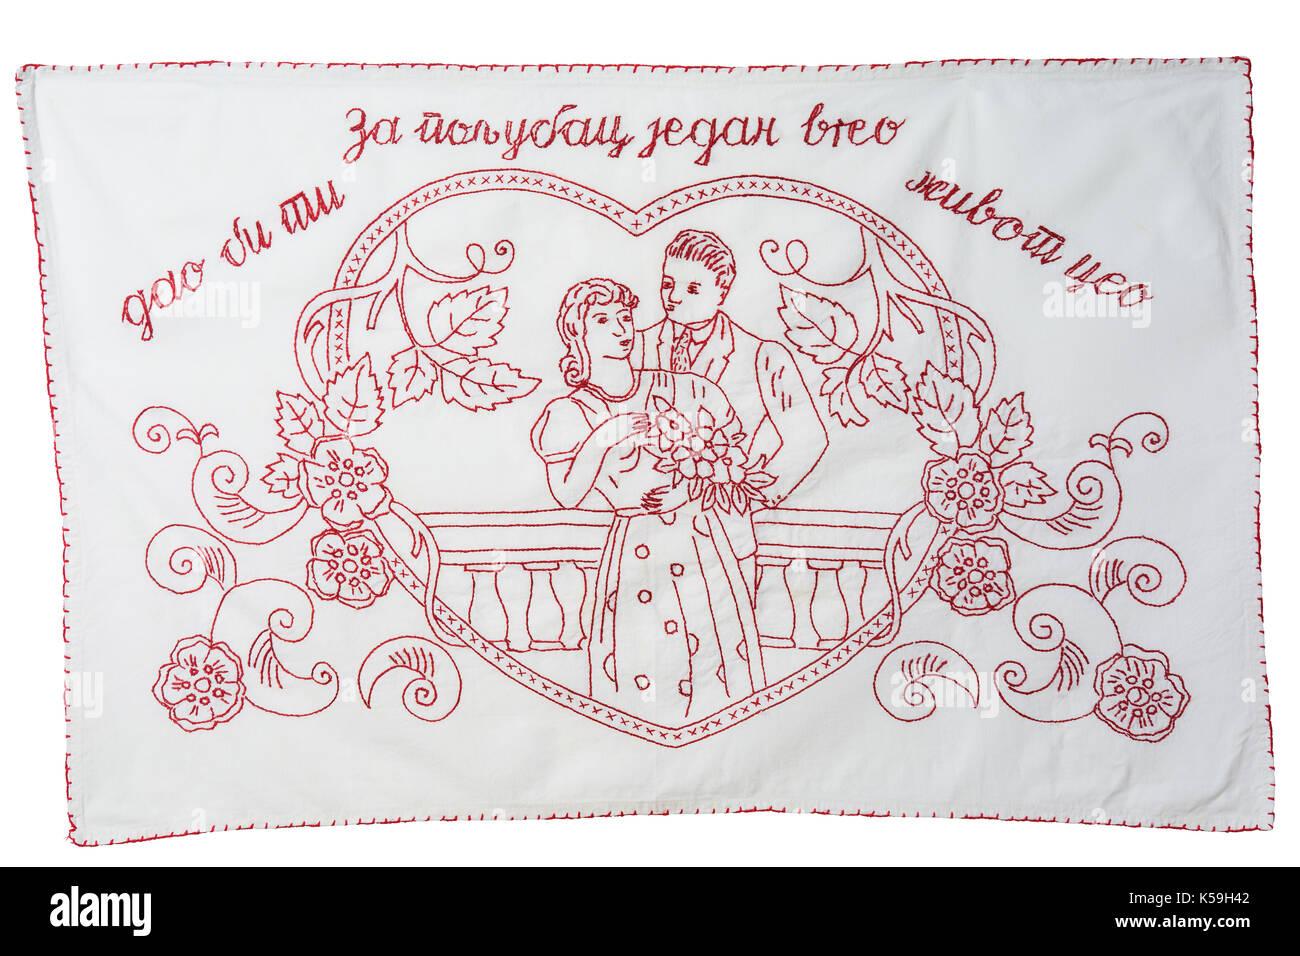 Serbisch Frohe Weihnachten.Serbische Sprache Stockfotos Serbische Sprache Bilder Alamy